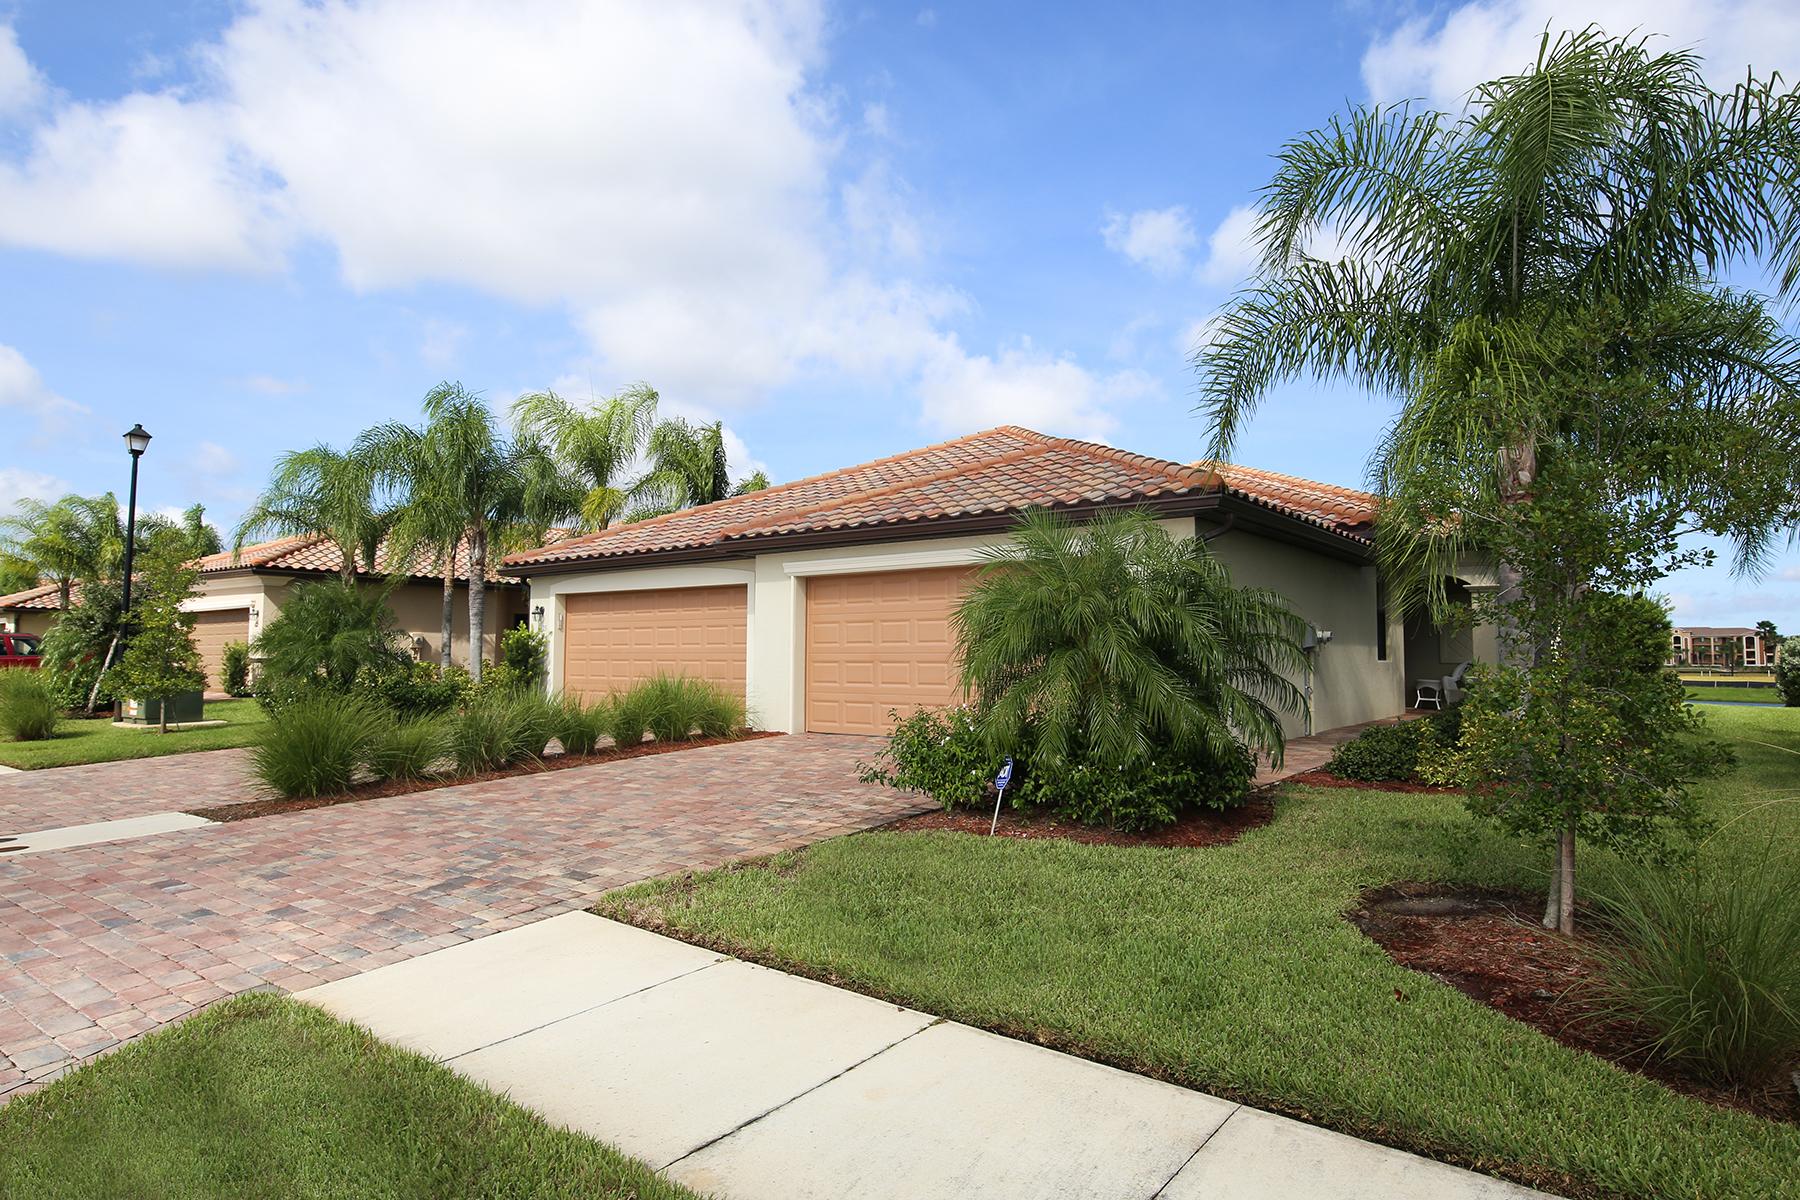 Casa unifamiliar adosada (Townhouse) por un Venta en RIVER STRAND 6627 Candlestick Dr Bradenton, Florida, 34212 Estados Unidos